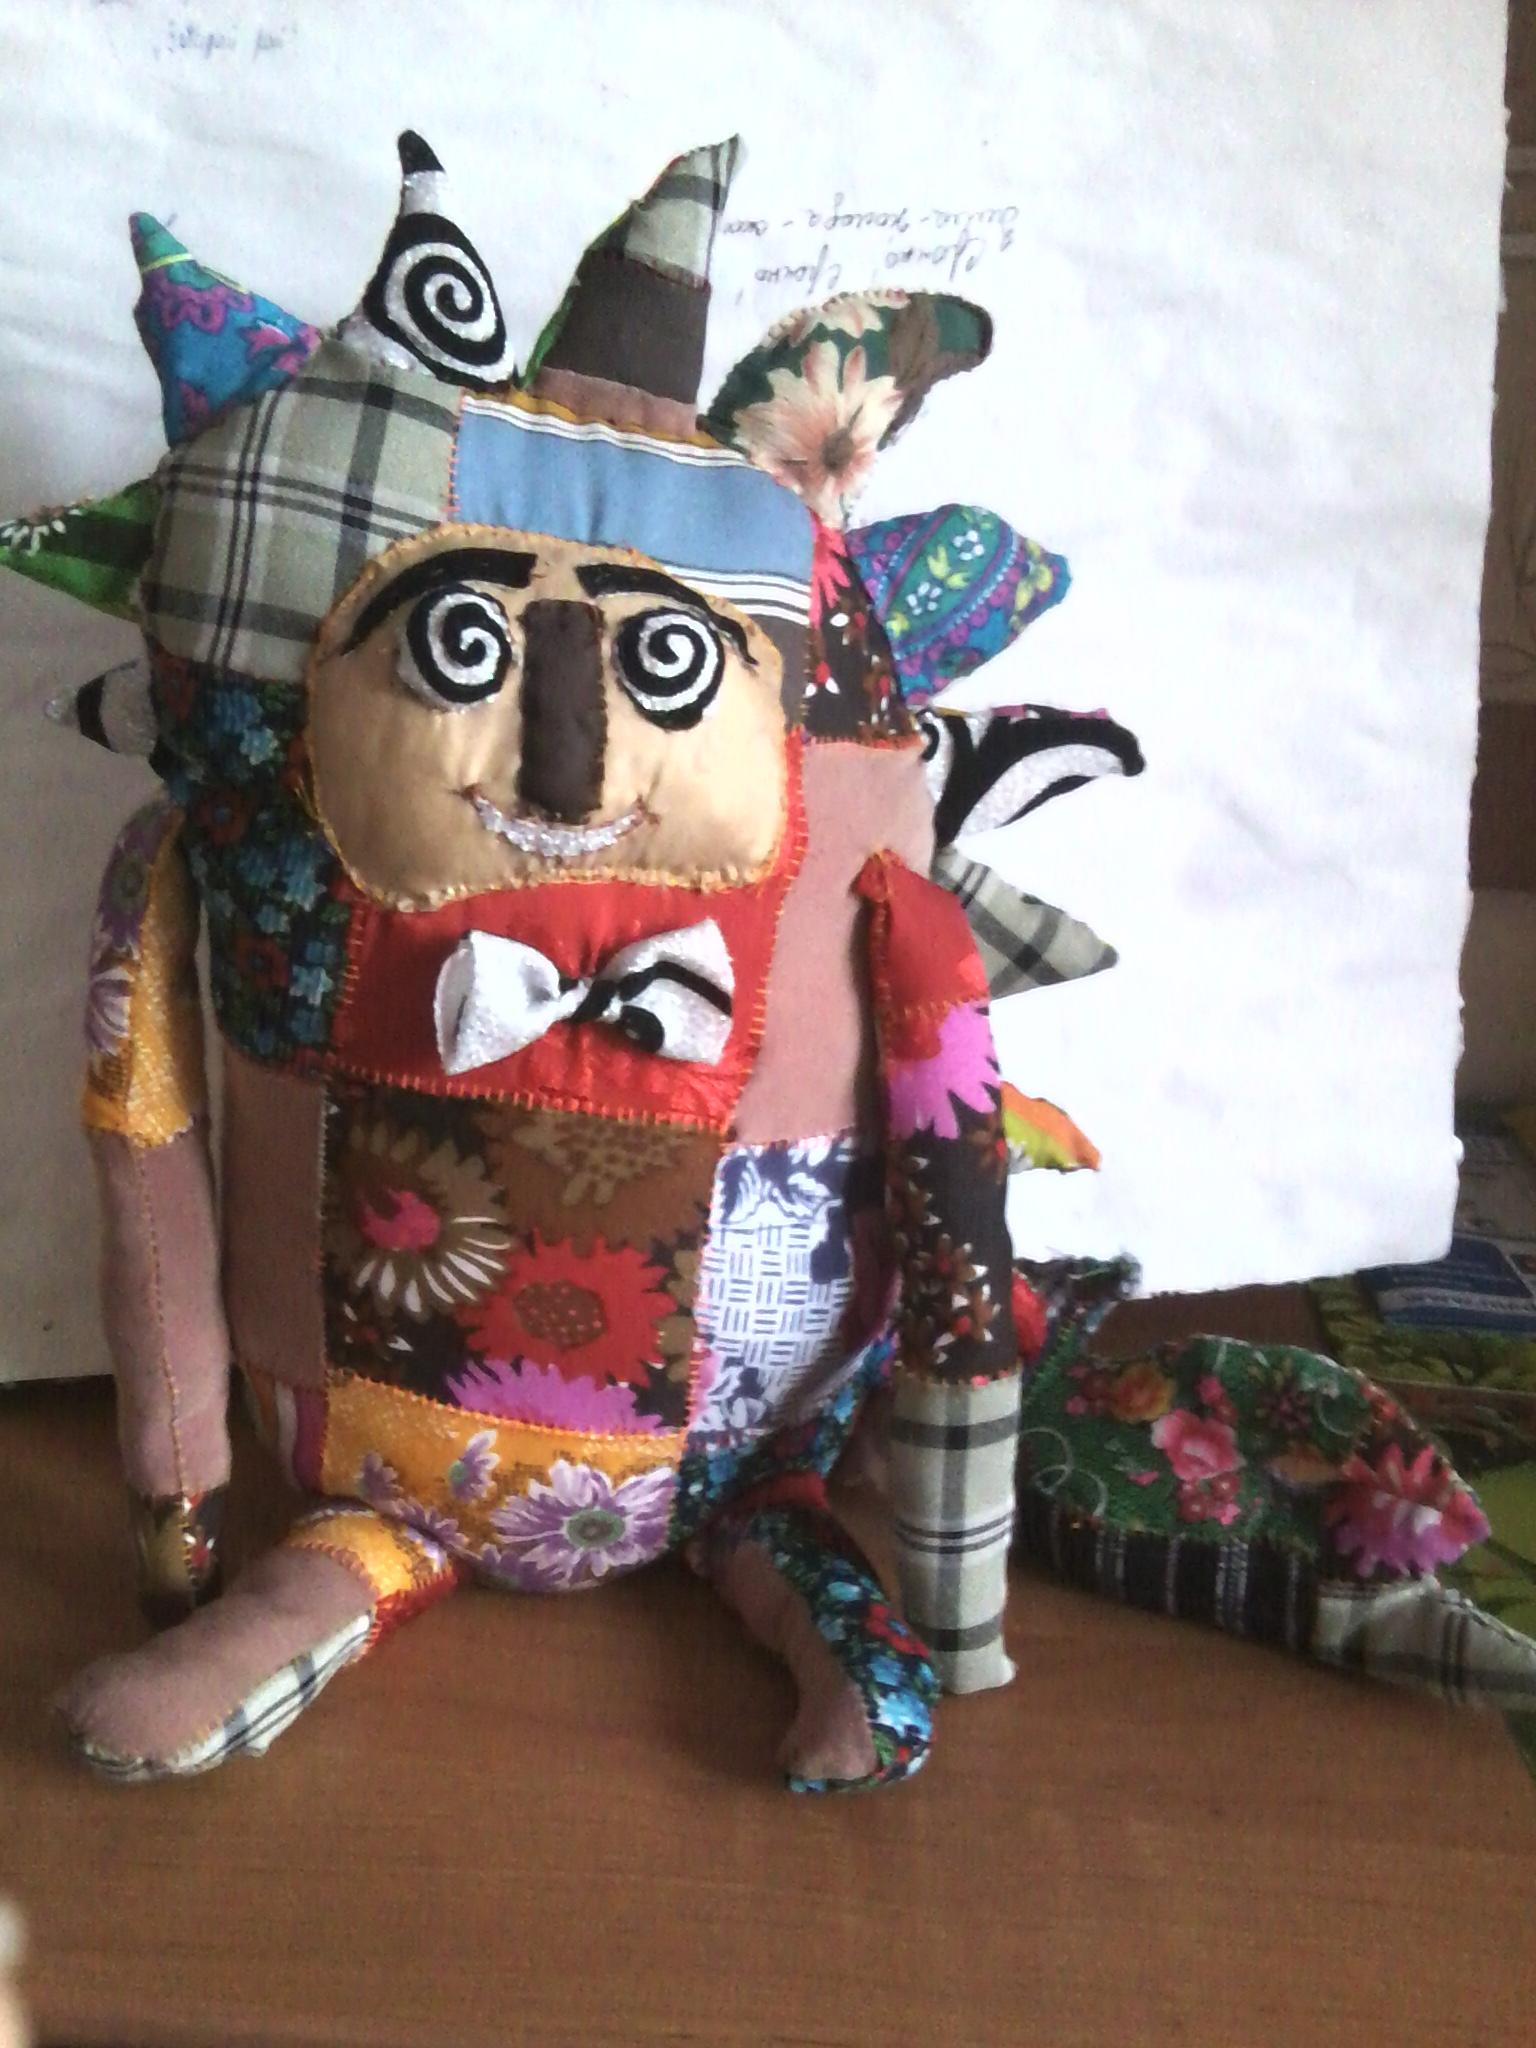 Куклы и игрушки: мастер-классы для начинающих и